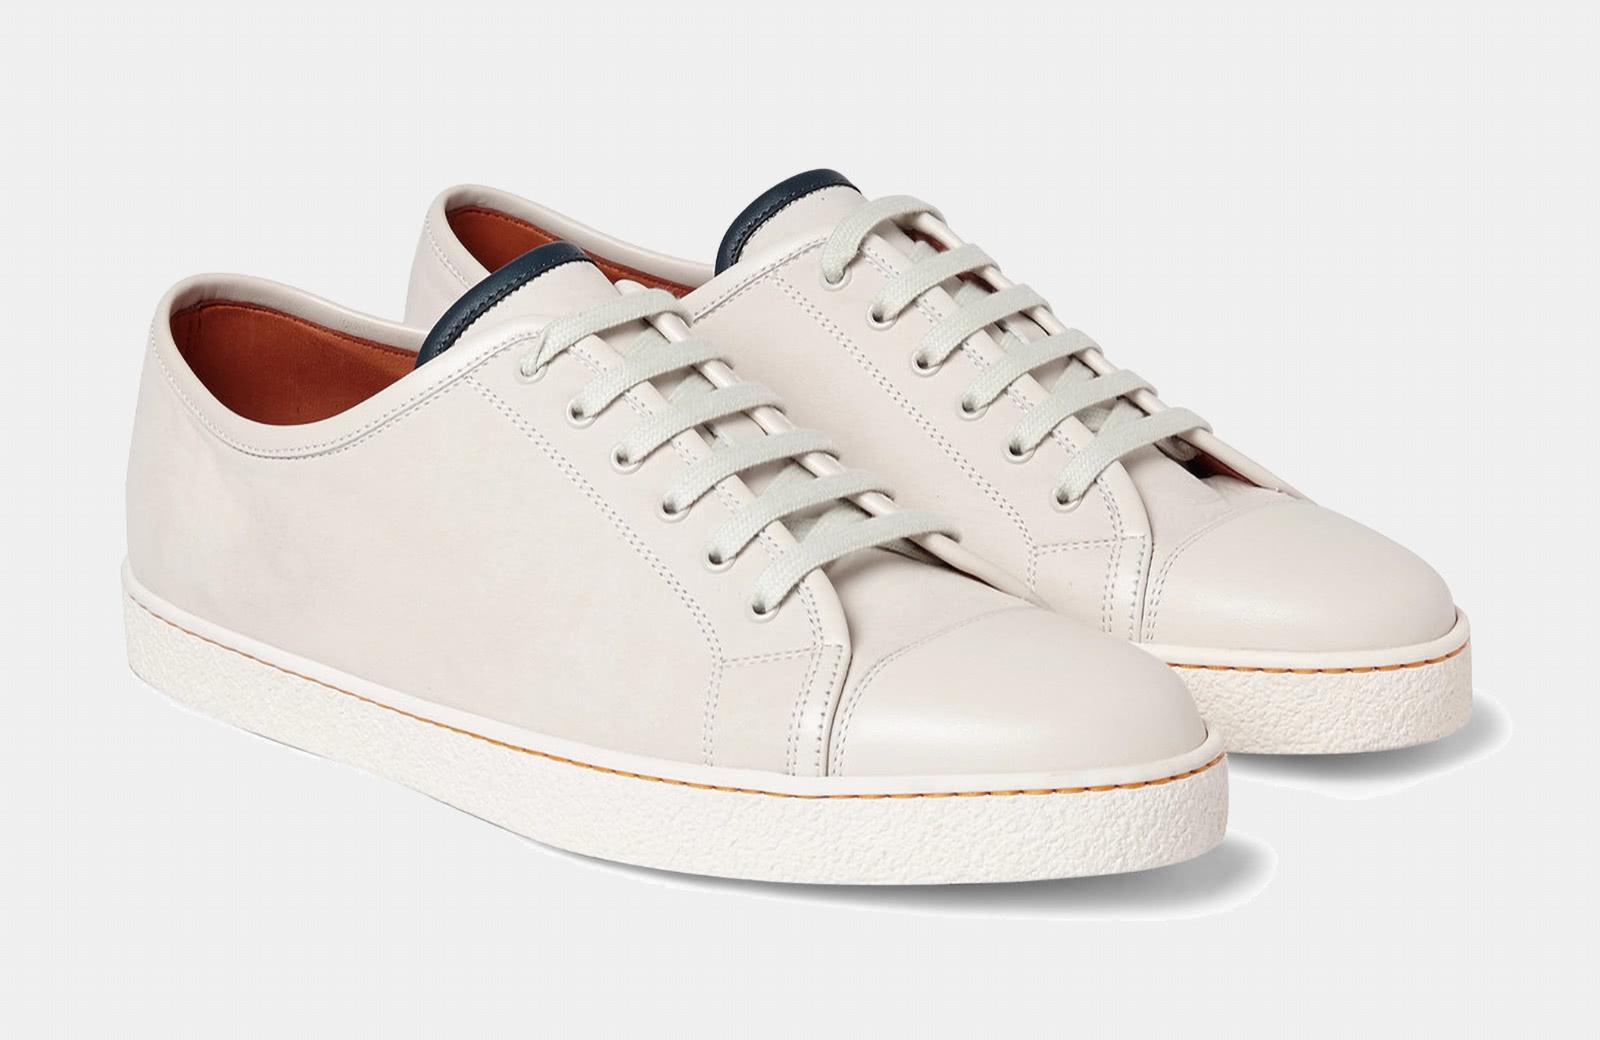 کتانی مردانه The classy sneakers